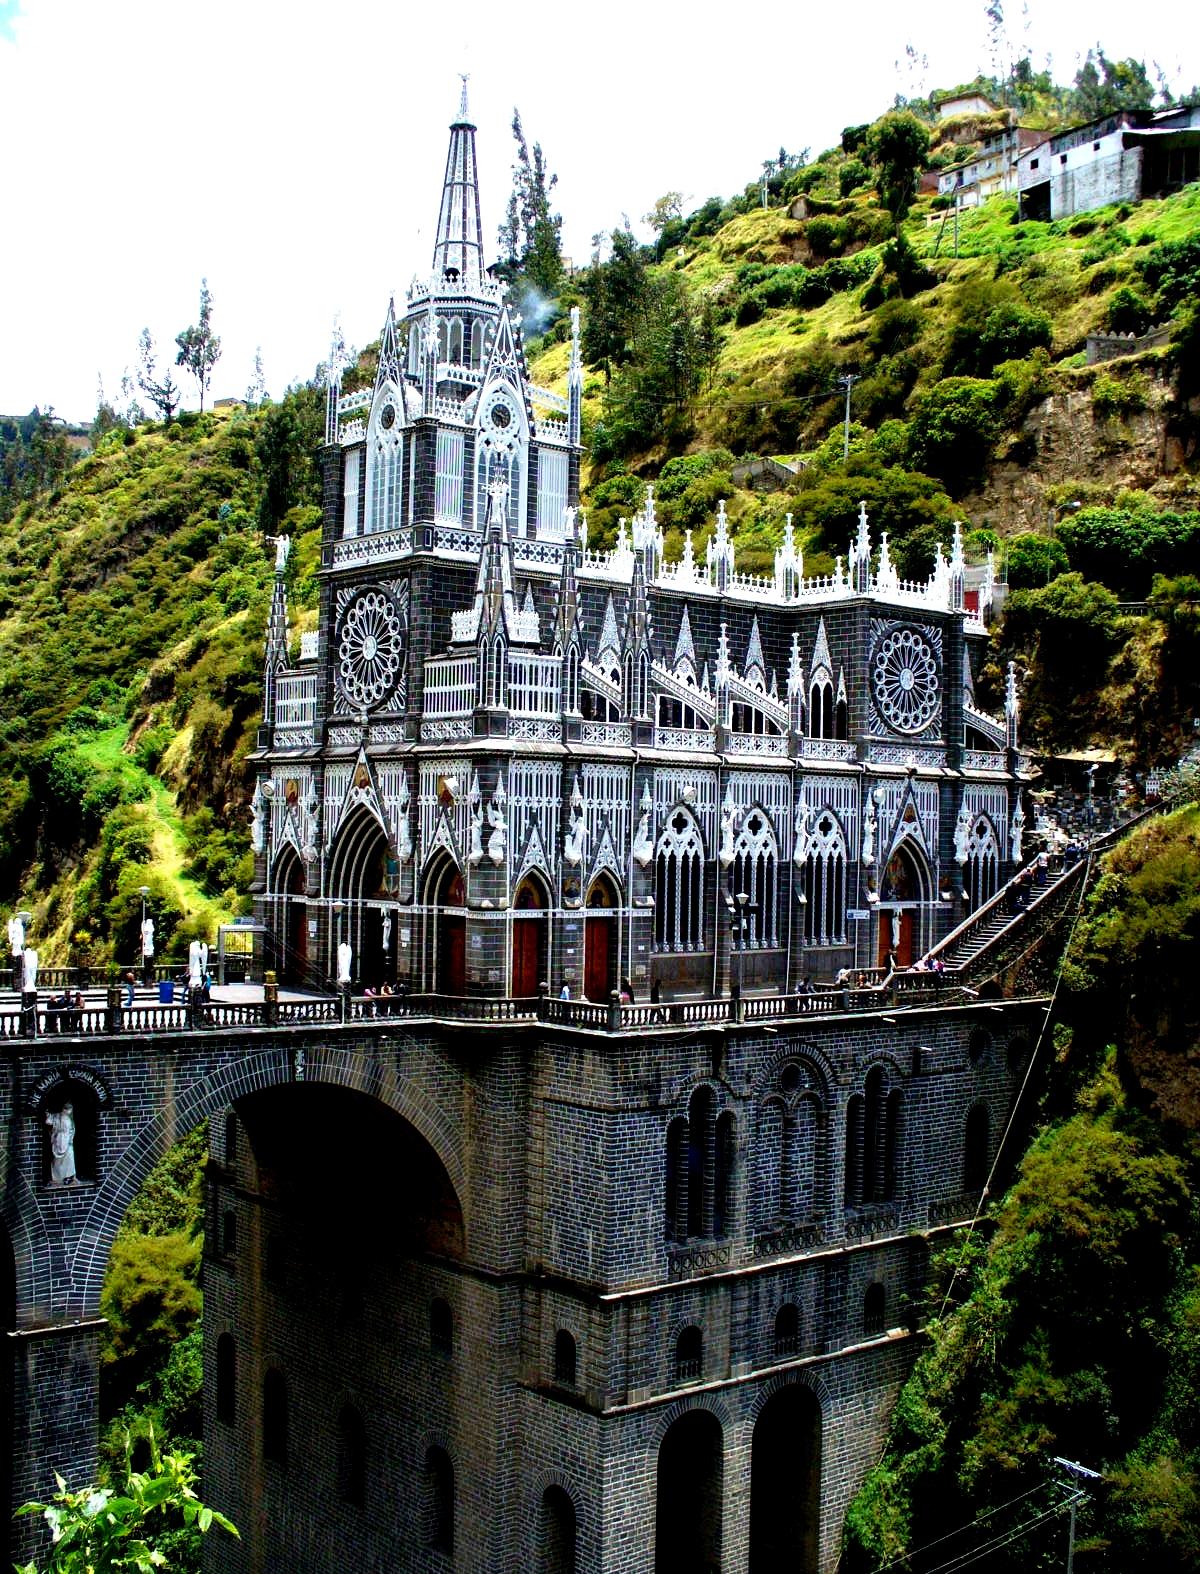 храм чудотворного образа в колумбии